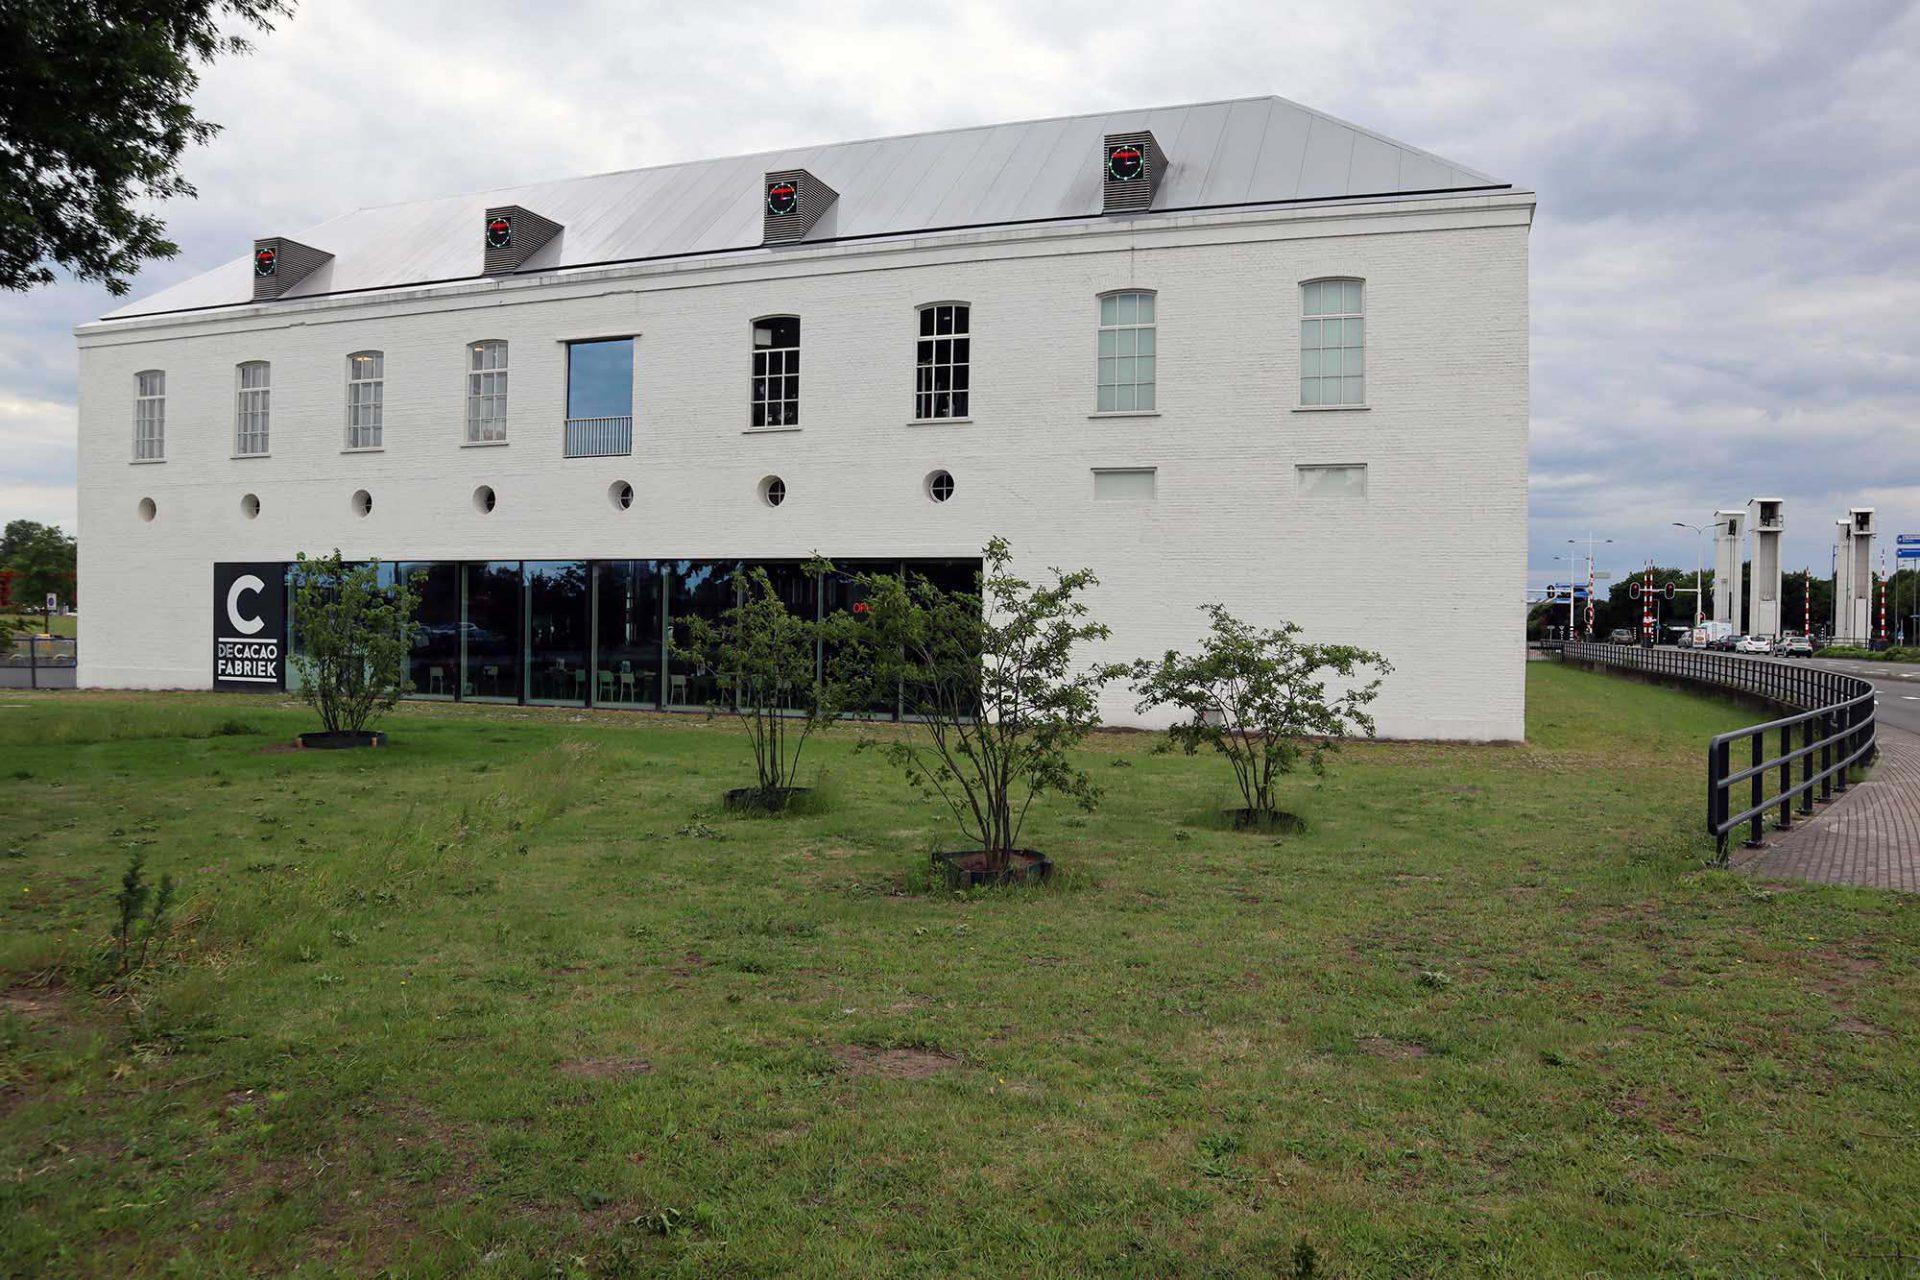 De Cacaofabriek. Die Anlage wurde über viele Jahre für Ausstellungen und Kunstateliers genutzt, bevor ein Feuer 2008 große Teile zerstörte.